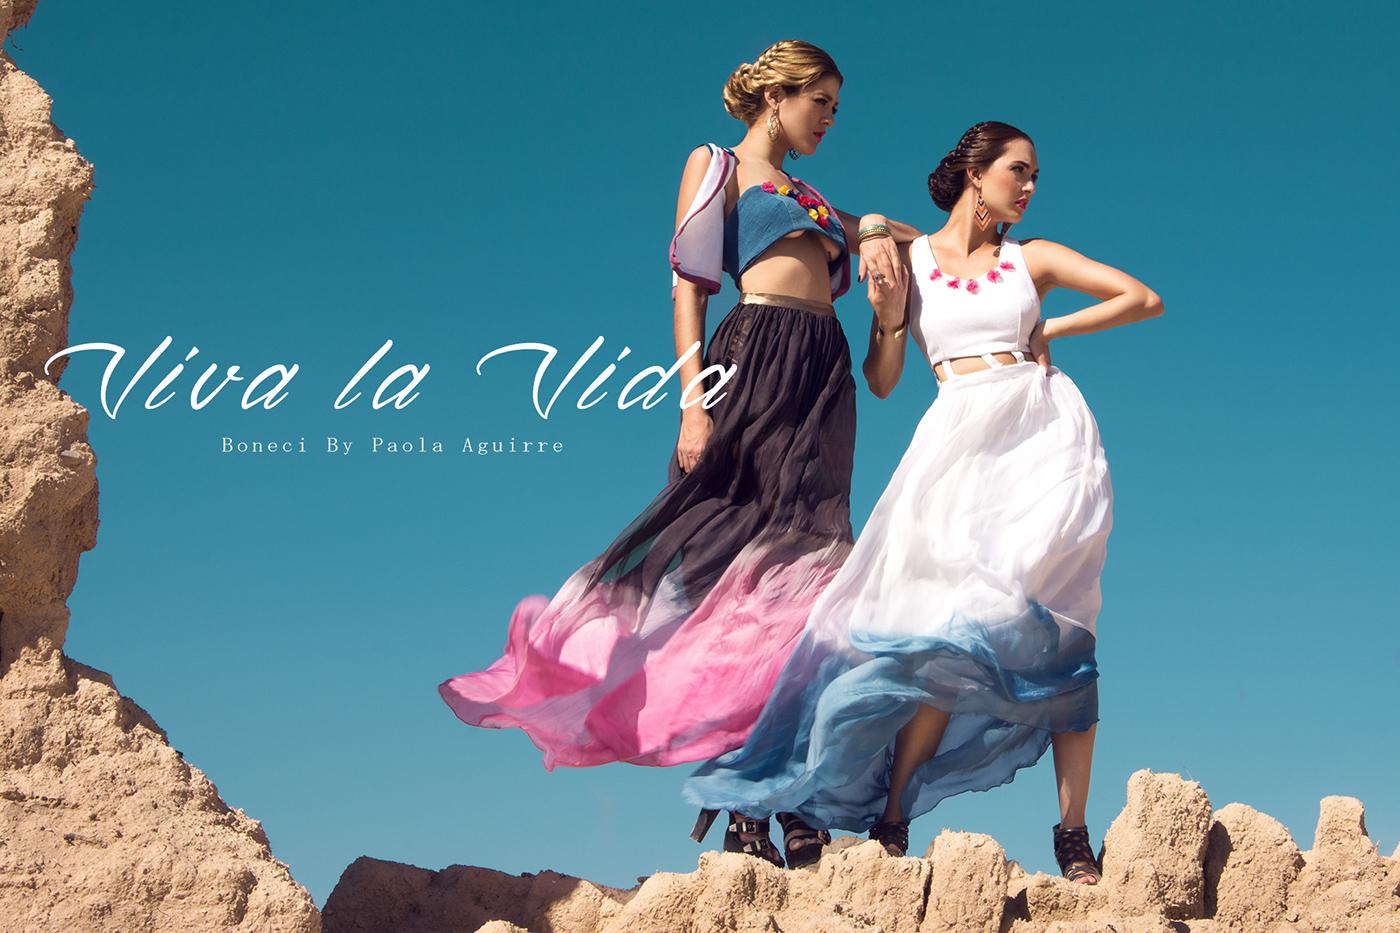 Viva La Vida on Behance